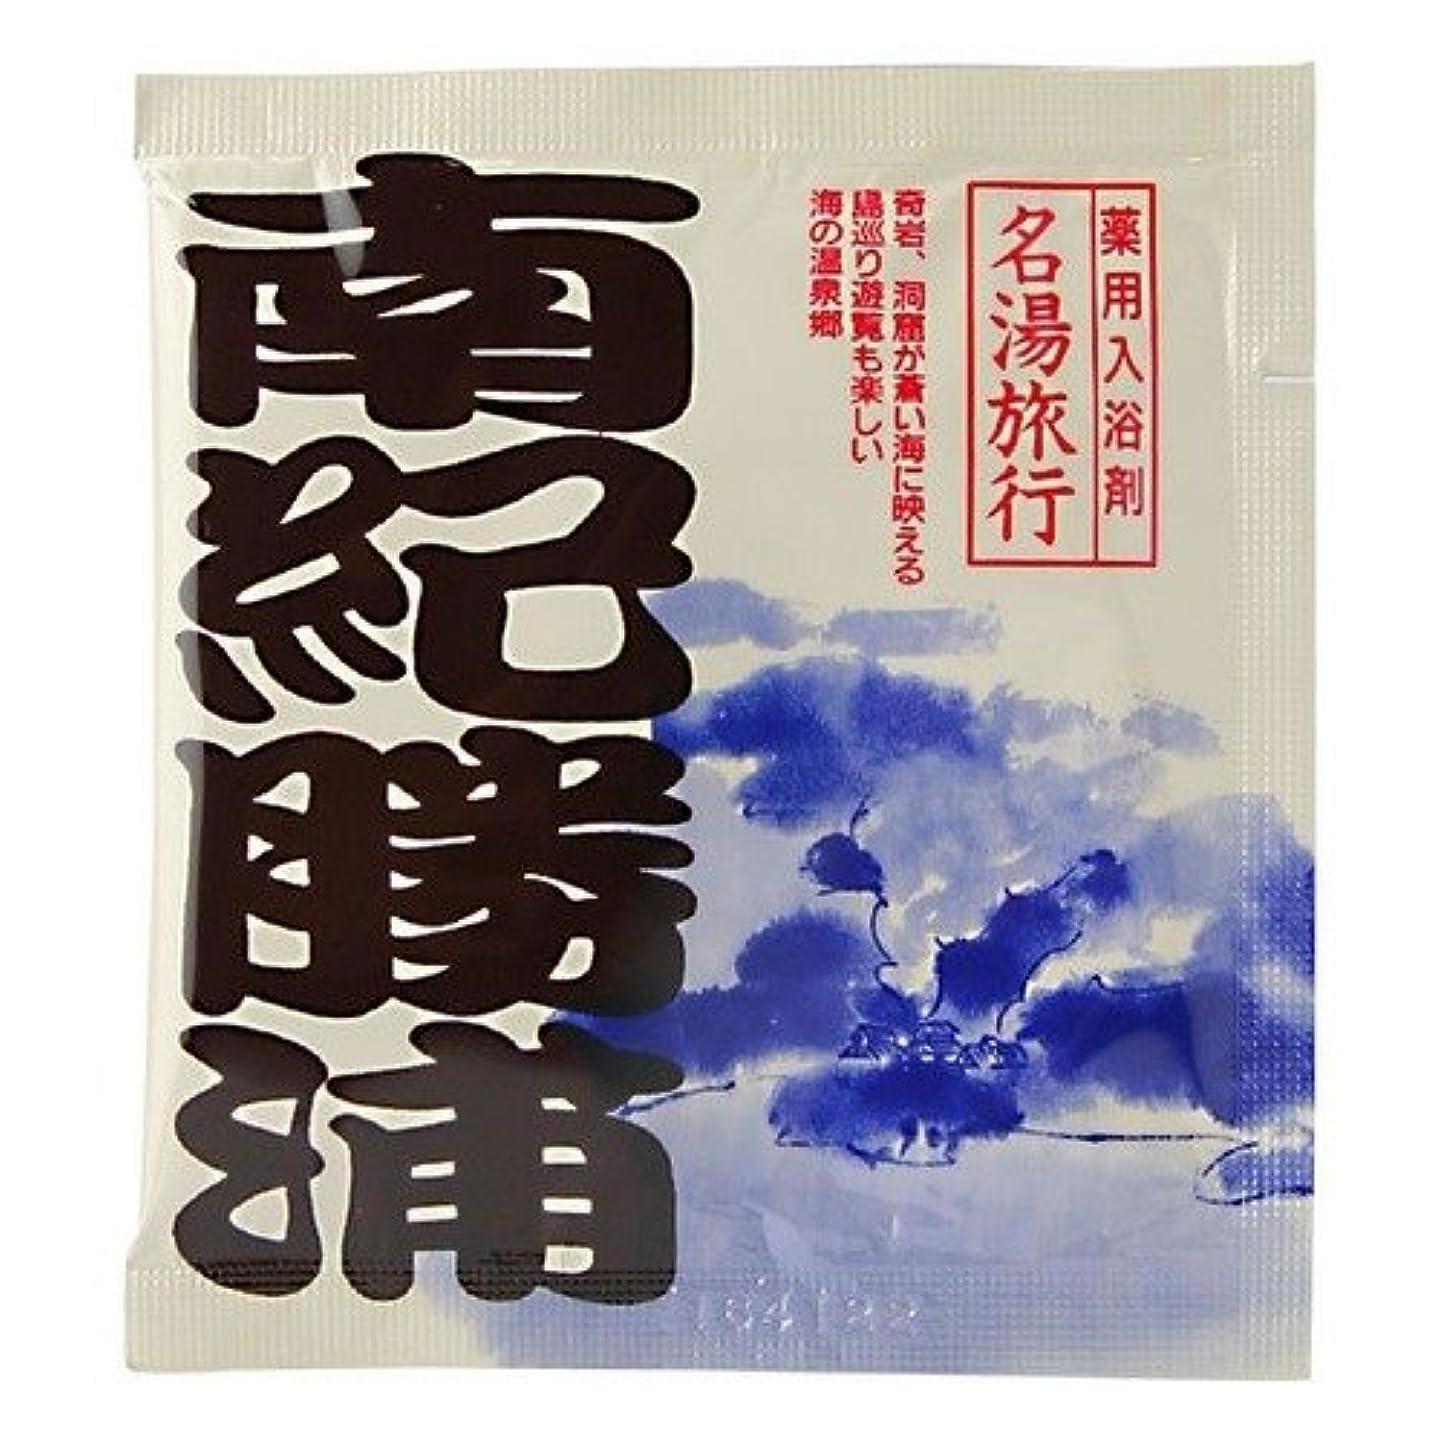 見る膨張する交流する五洲薬品 名湯旅行 南紀勝浦 25g 4987332126737